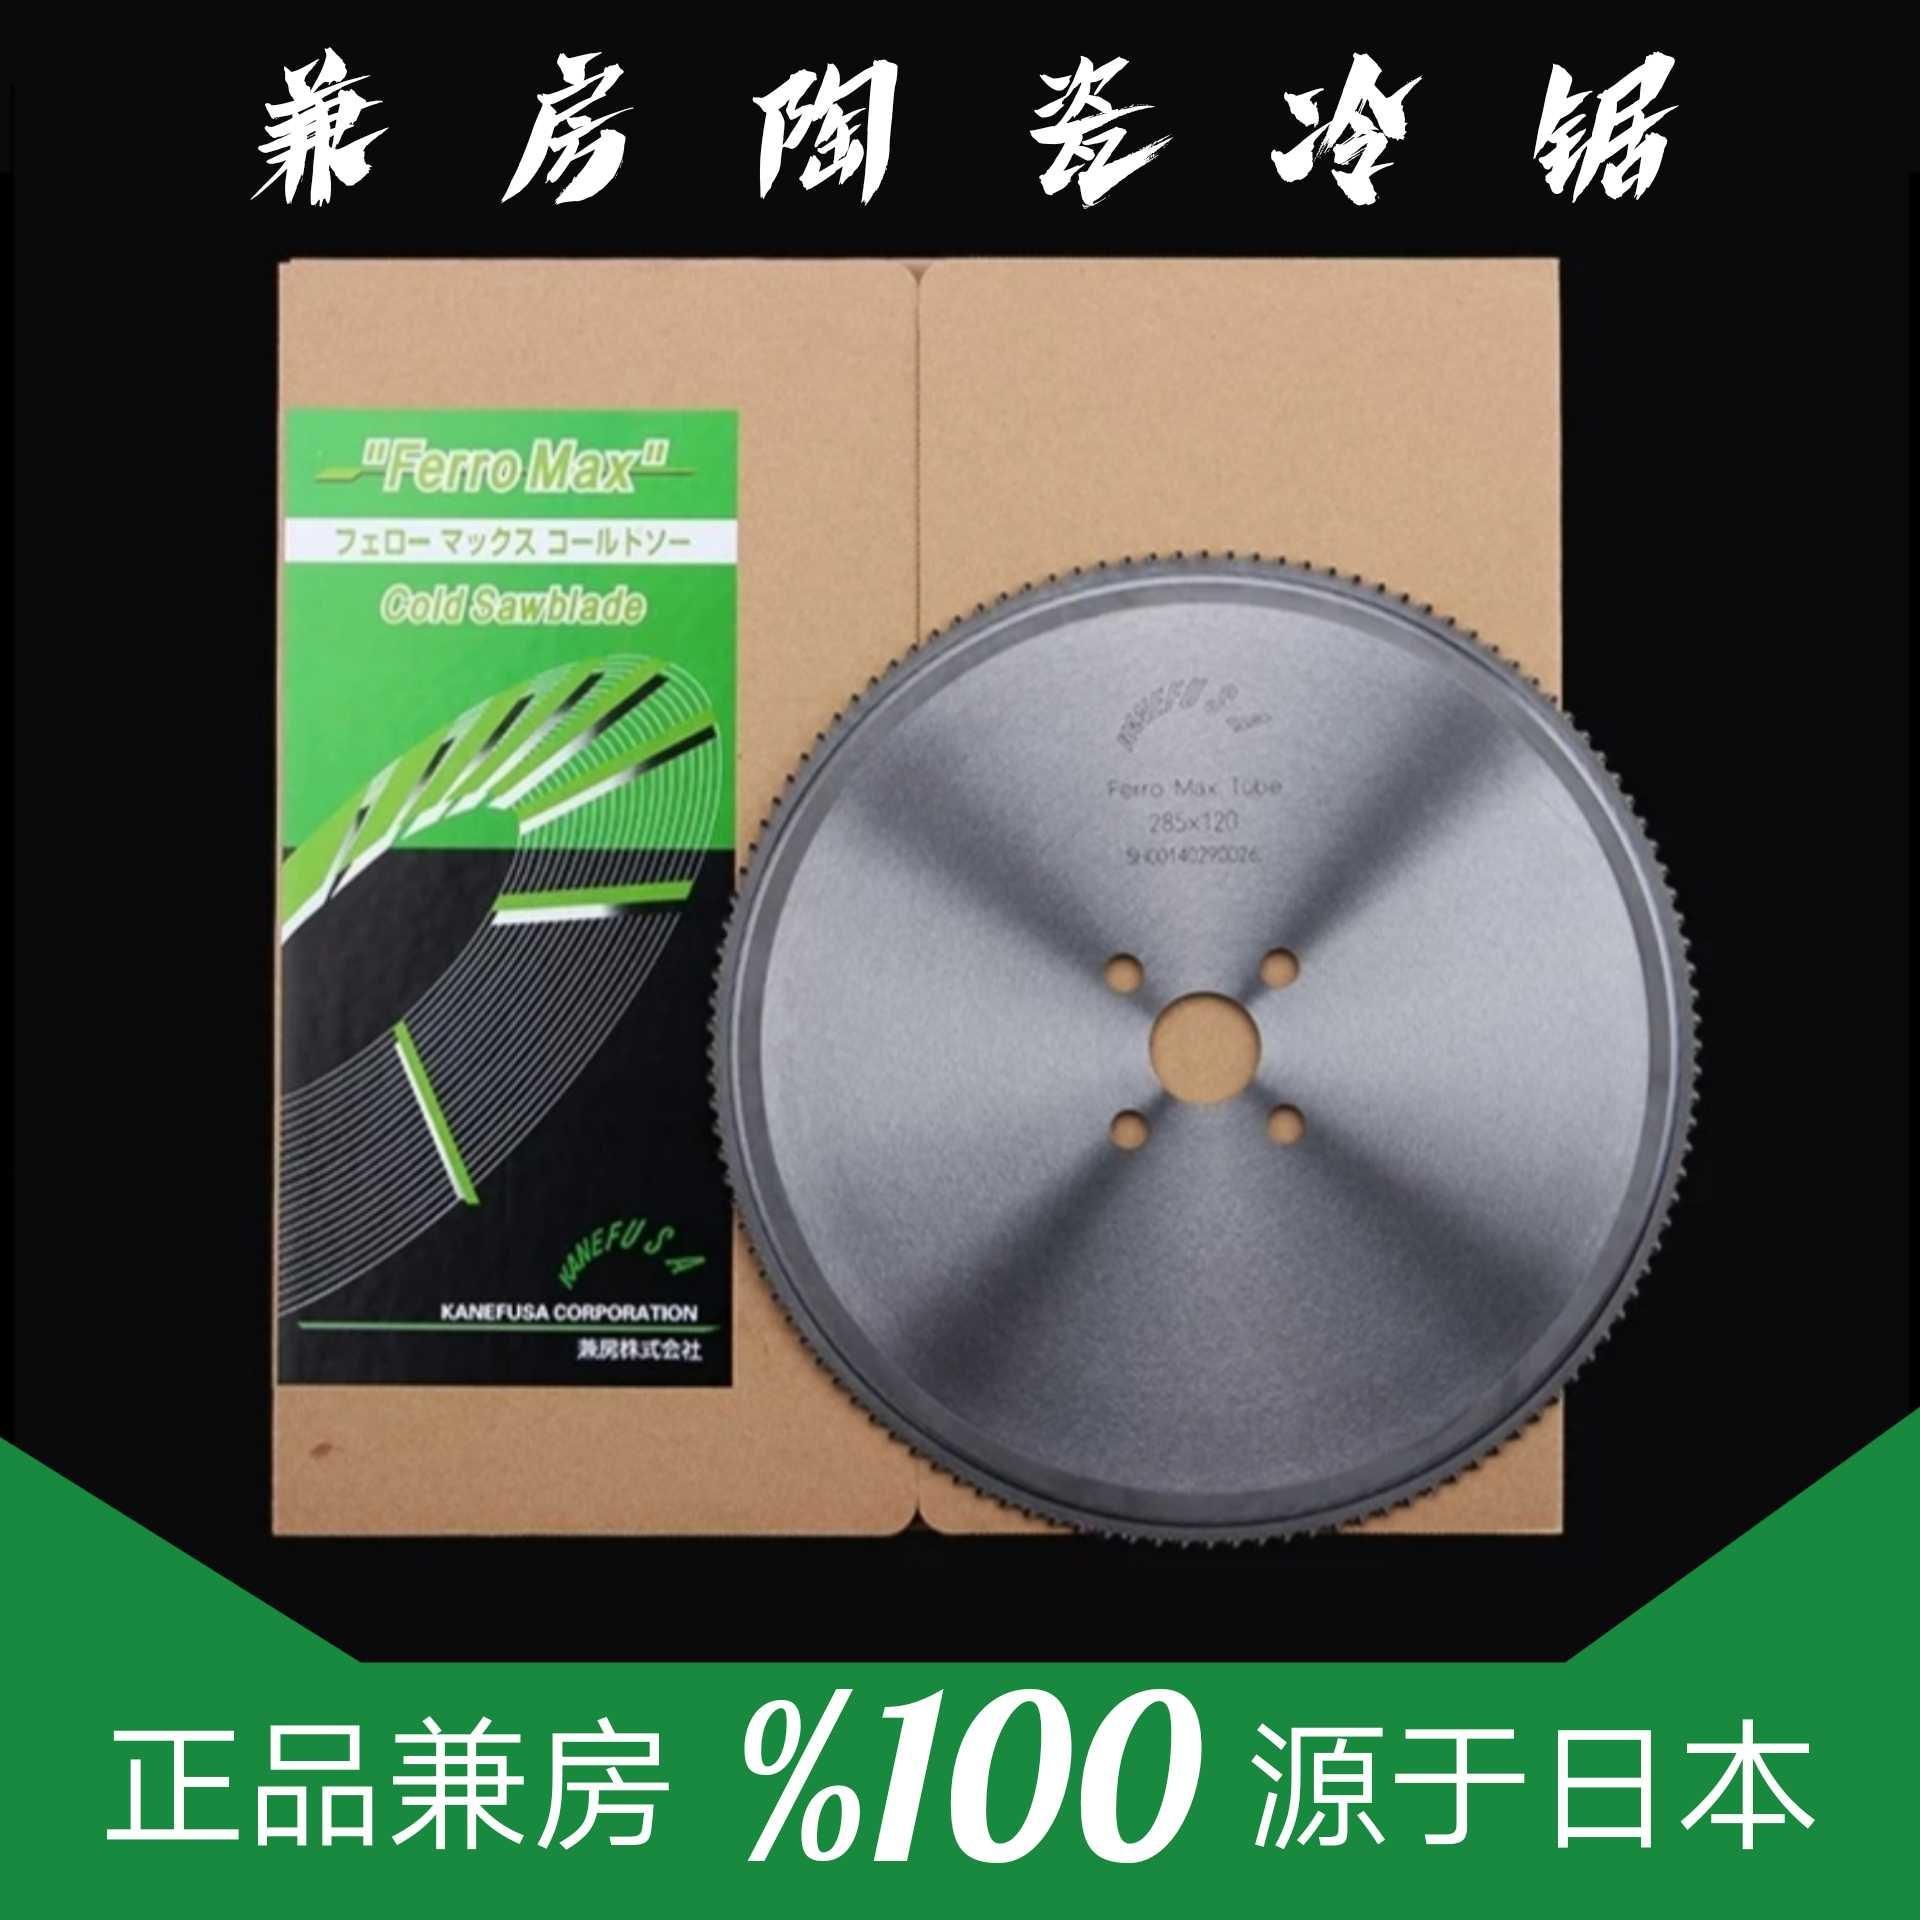 铁工冷锯KANEFUSA高速圆锯锯片机日本兼房合金冷锯片ST-5 285×72